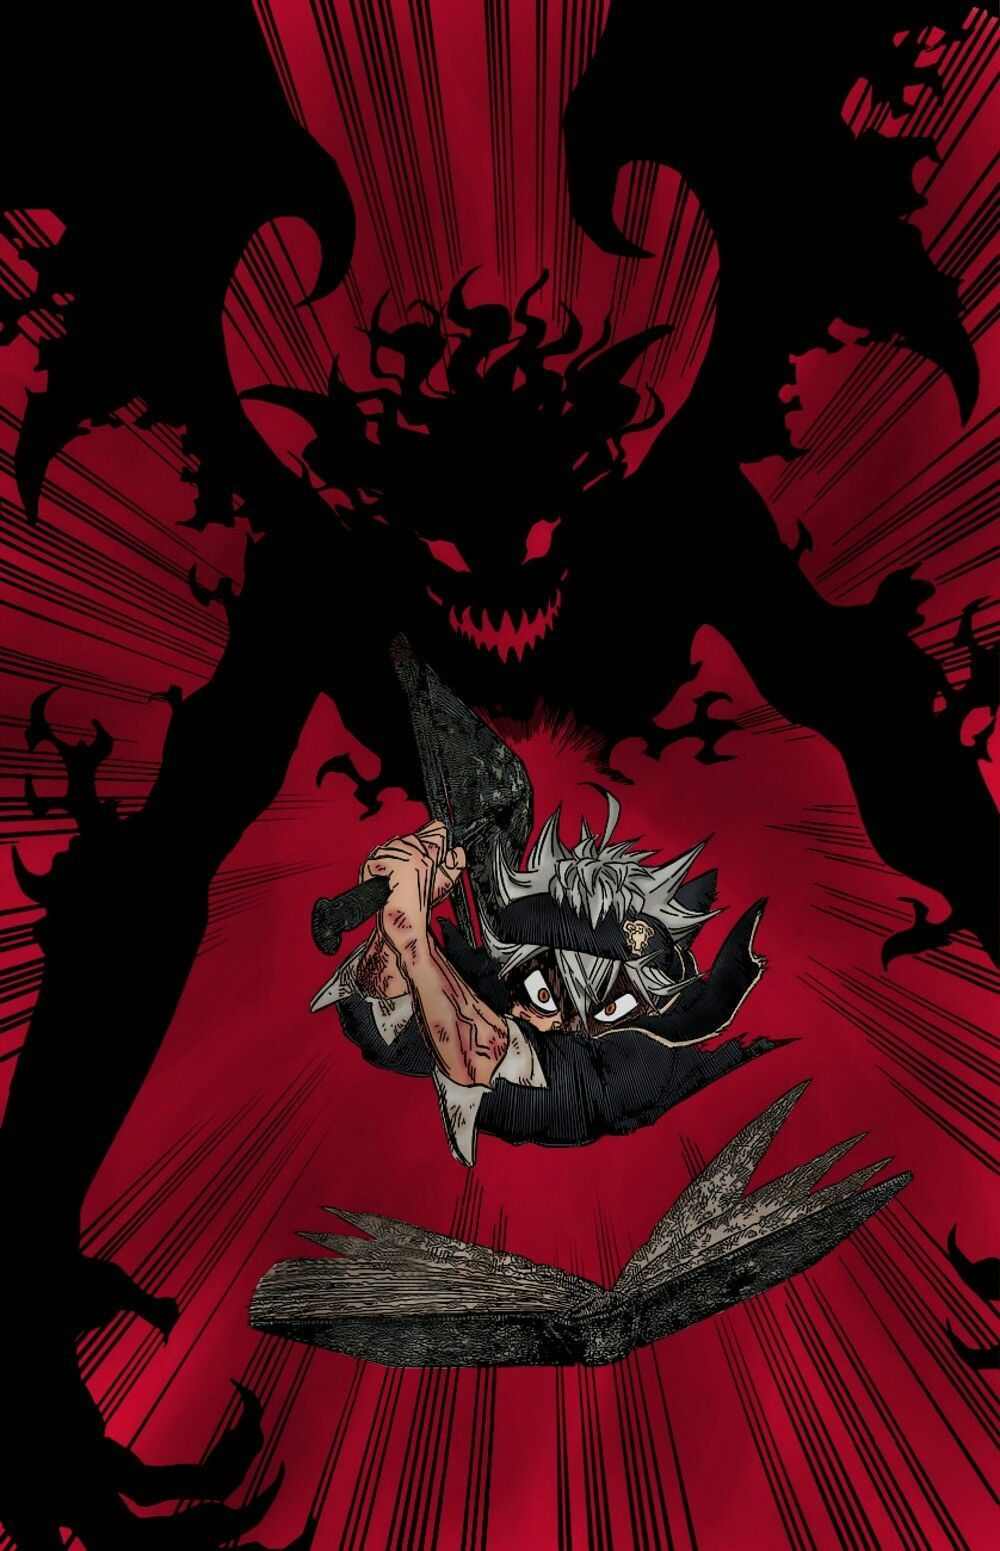 Papel de parede do anime Black Clover para celular / 7 wallpaper do anime Black Clover em HD